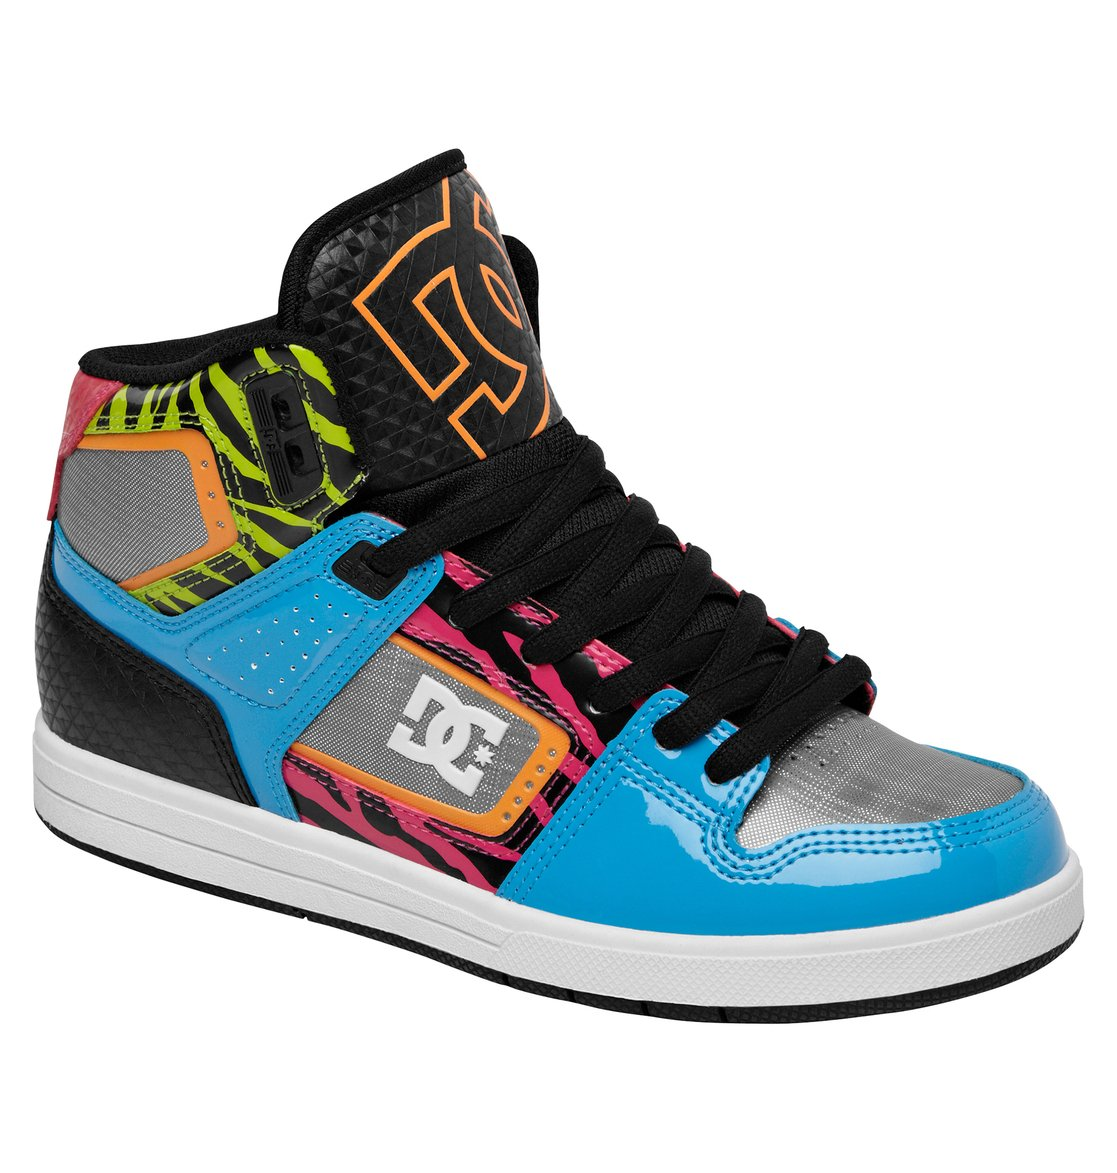 DC Shoes verwendet Cookies, um dir maßgeschneiderten Service und Angebote zu bieten. Indem du weiterhin auf der DC Shoes Seite bleibst, erklärst du dich .